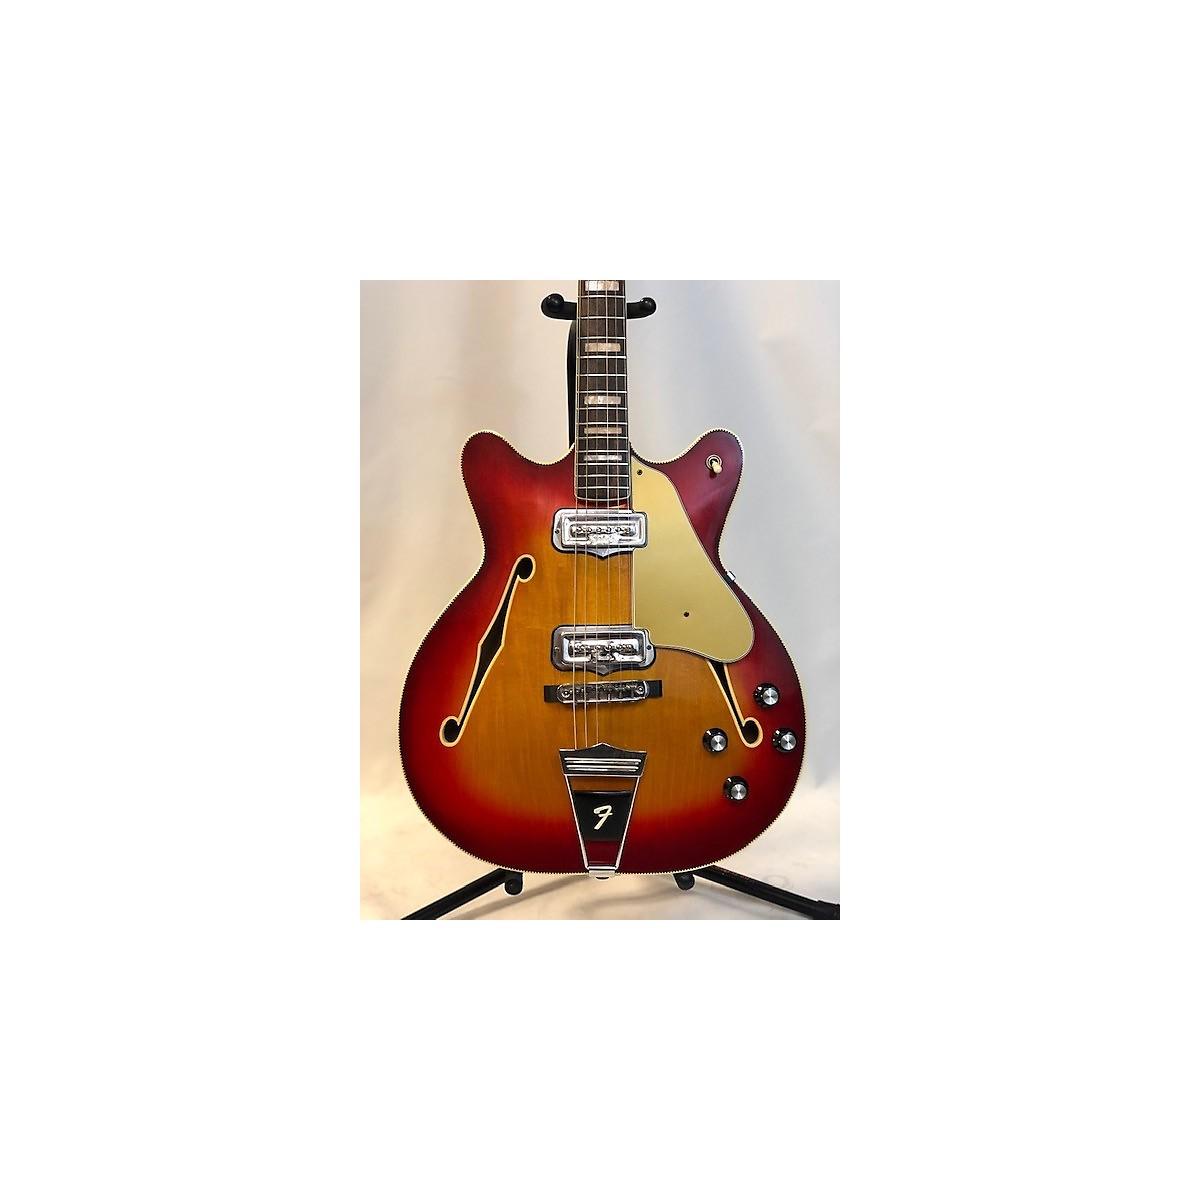 Fender 1967 Coronado II Solid Body Electric Guitar